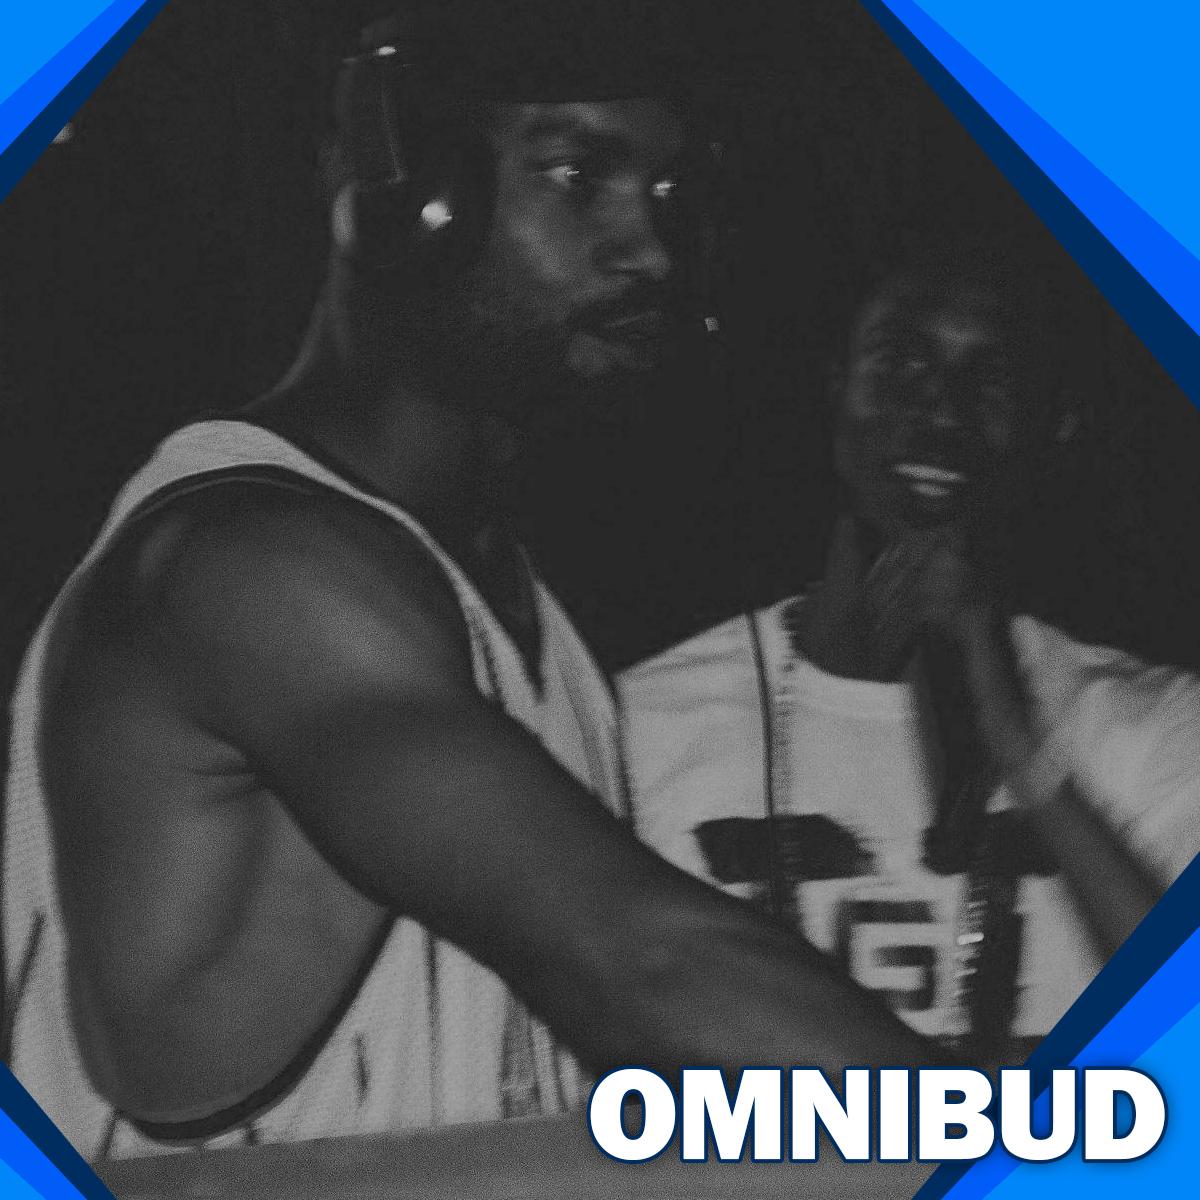 omnibud